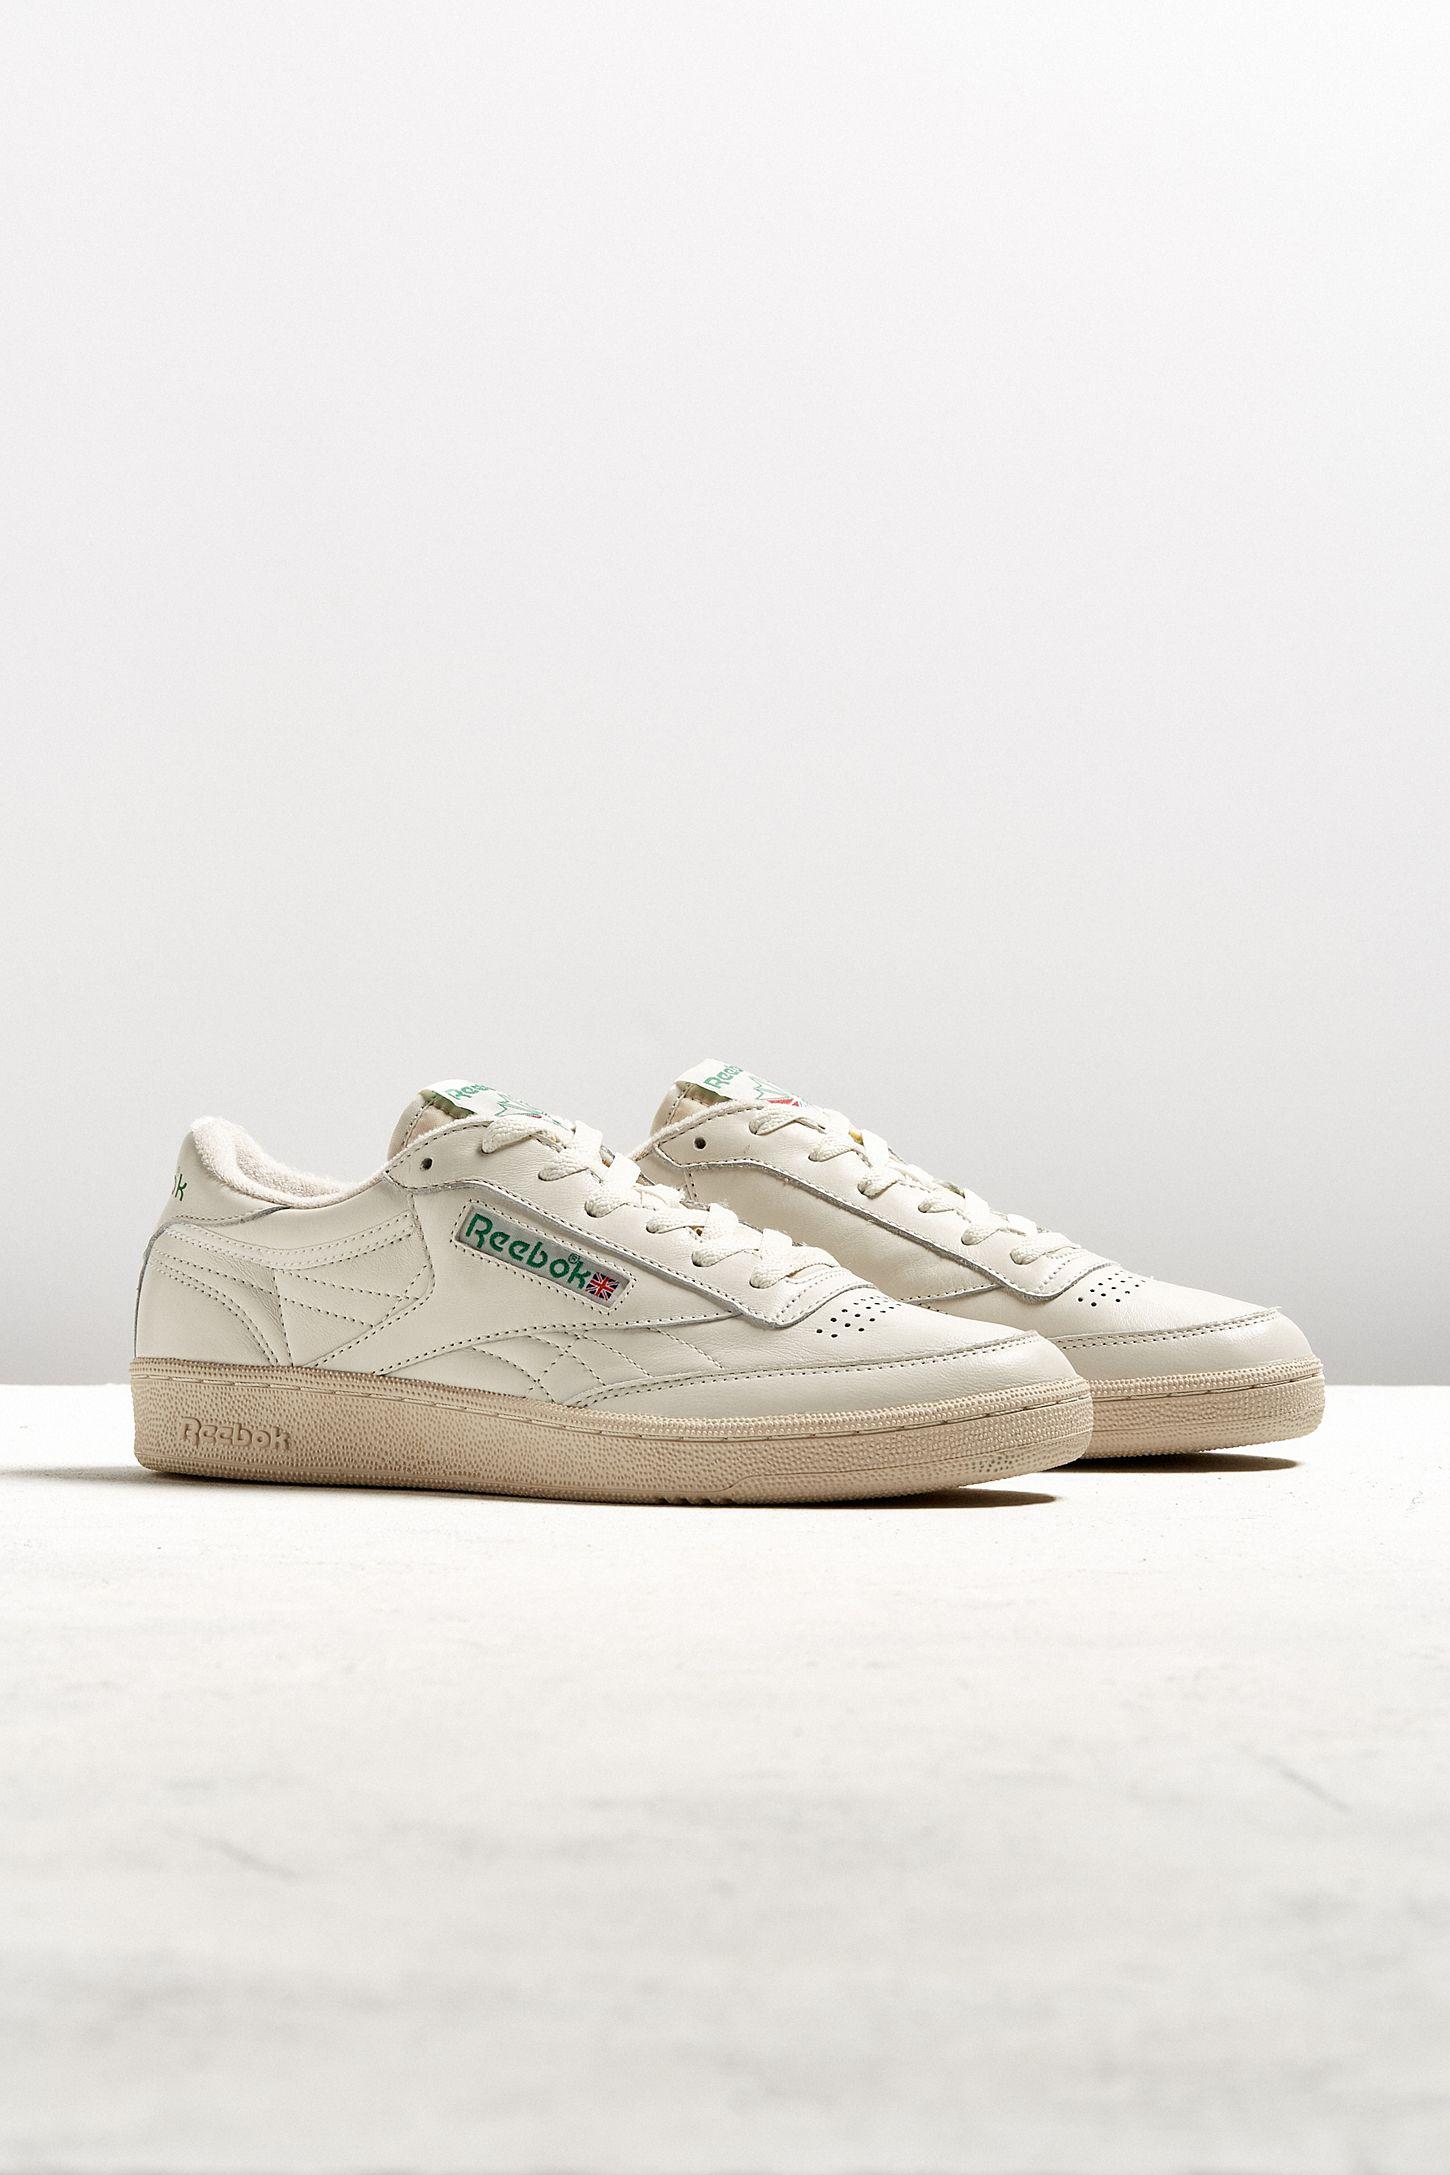 bd8dca300cff Reebok Club C 85 Vintage Sneaker